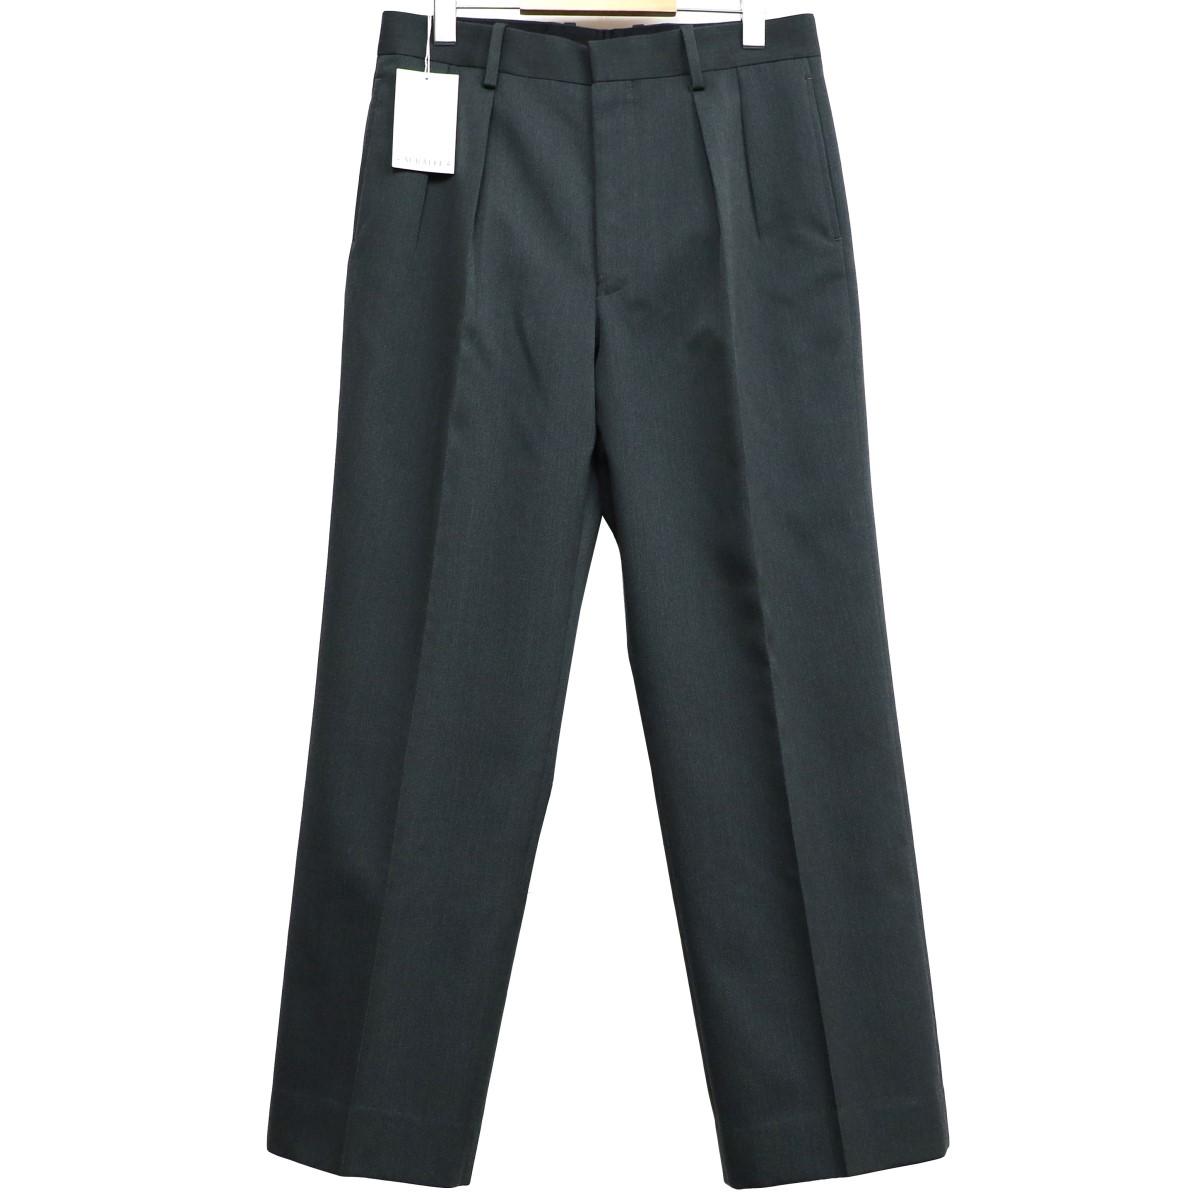 【中古】AURALEE 18AW Wool Kidmohair Gabardine Wide Slacksスラックスパンツ ダークオリーブ サイズ:3(80cm) 【140320】(オーラリー)